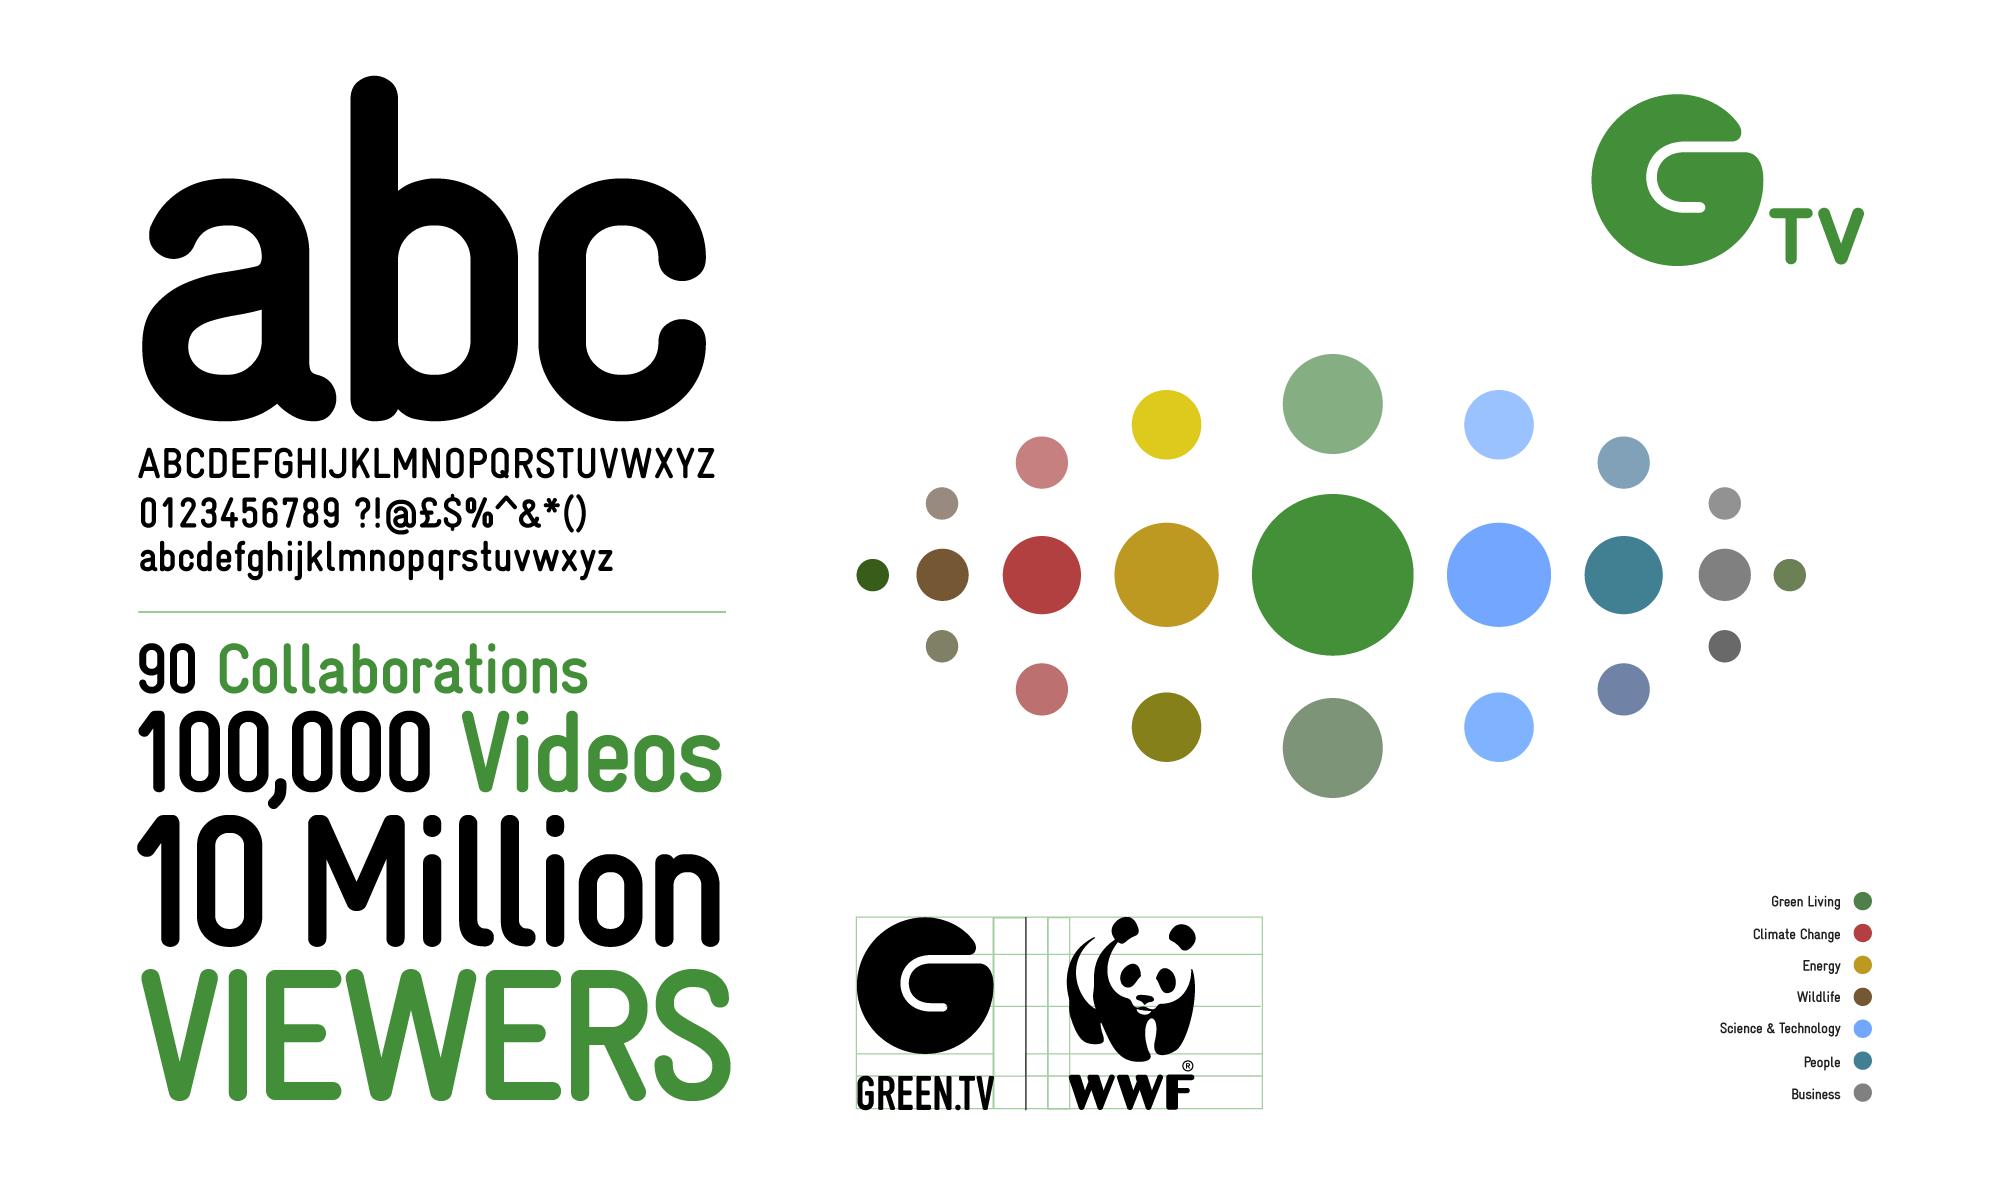 Val Toch - GreenTV 02